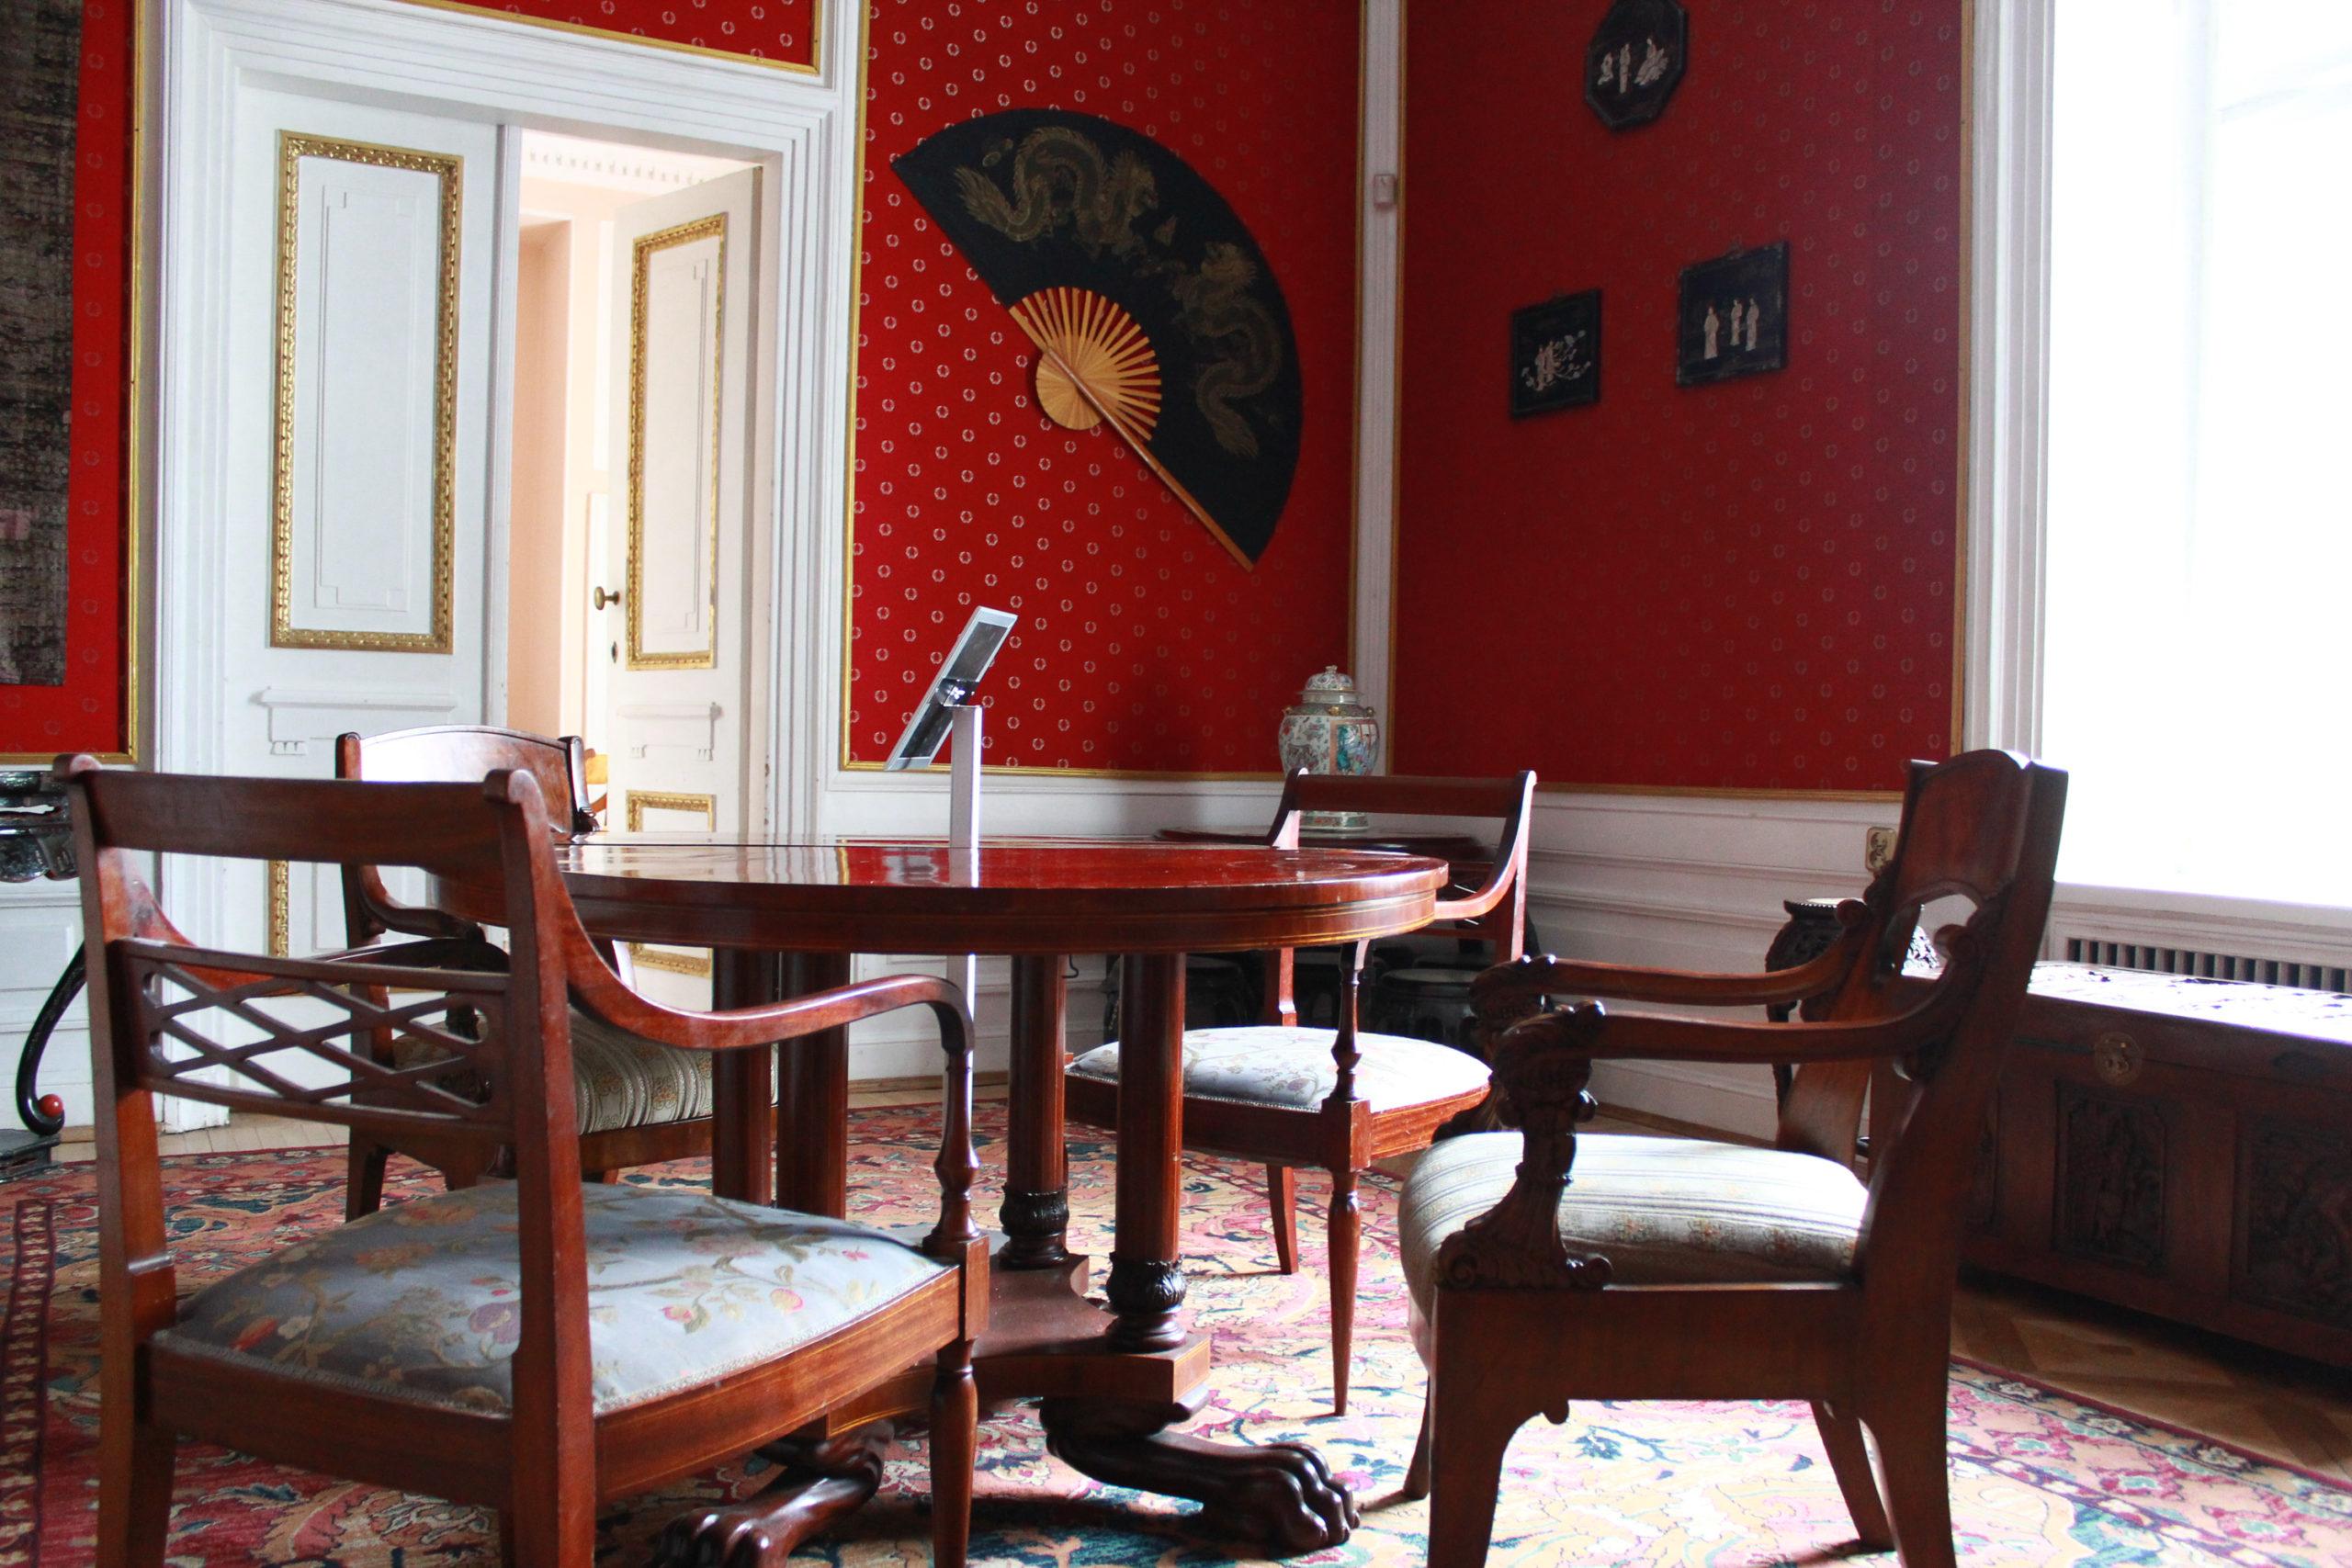 krzesła i stół w pokoju w Jabłonnie